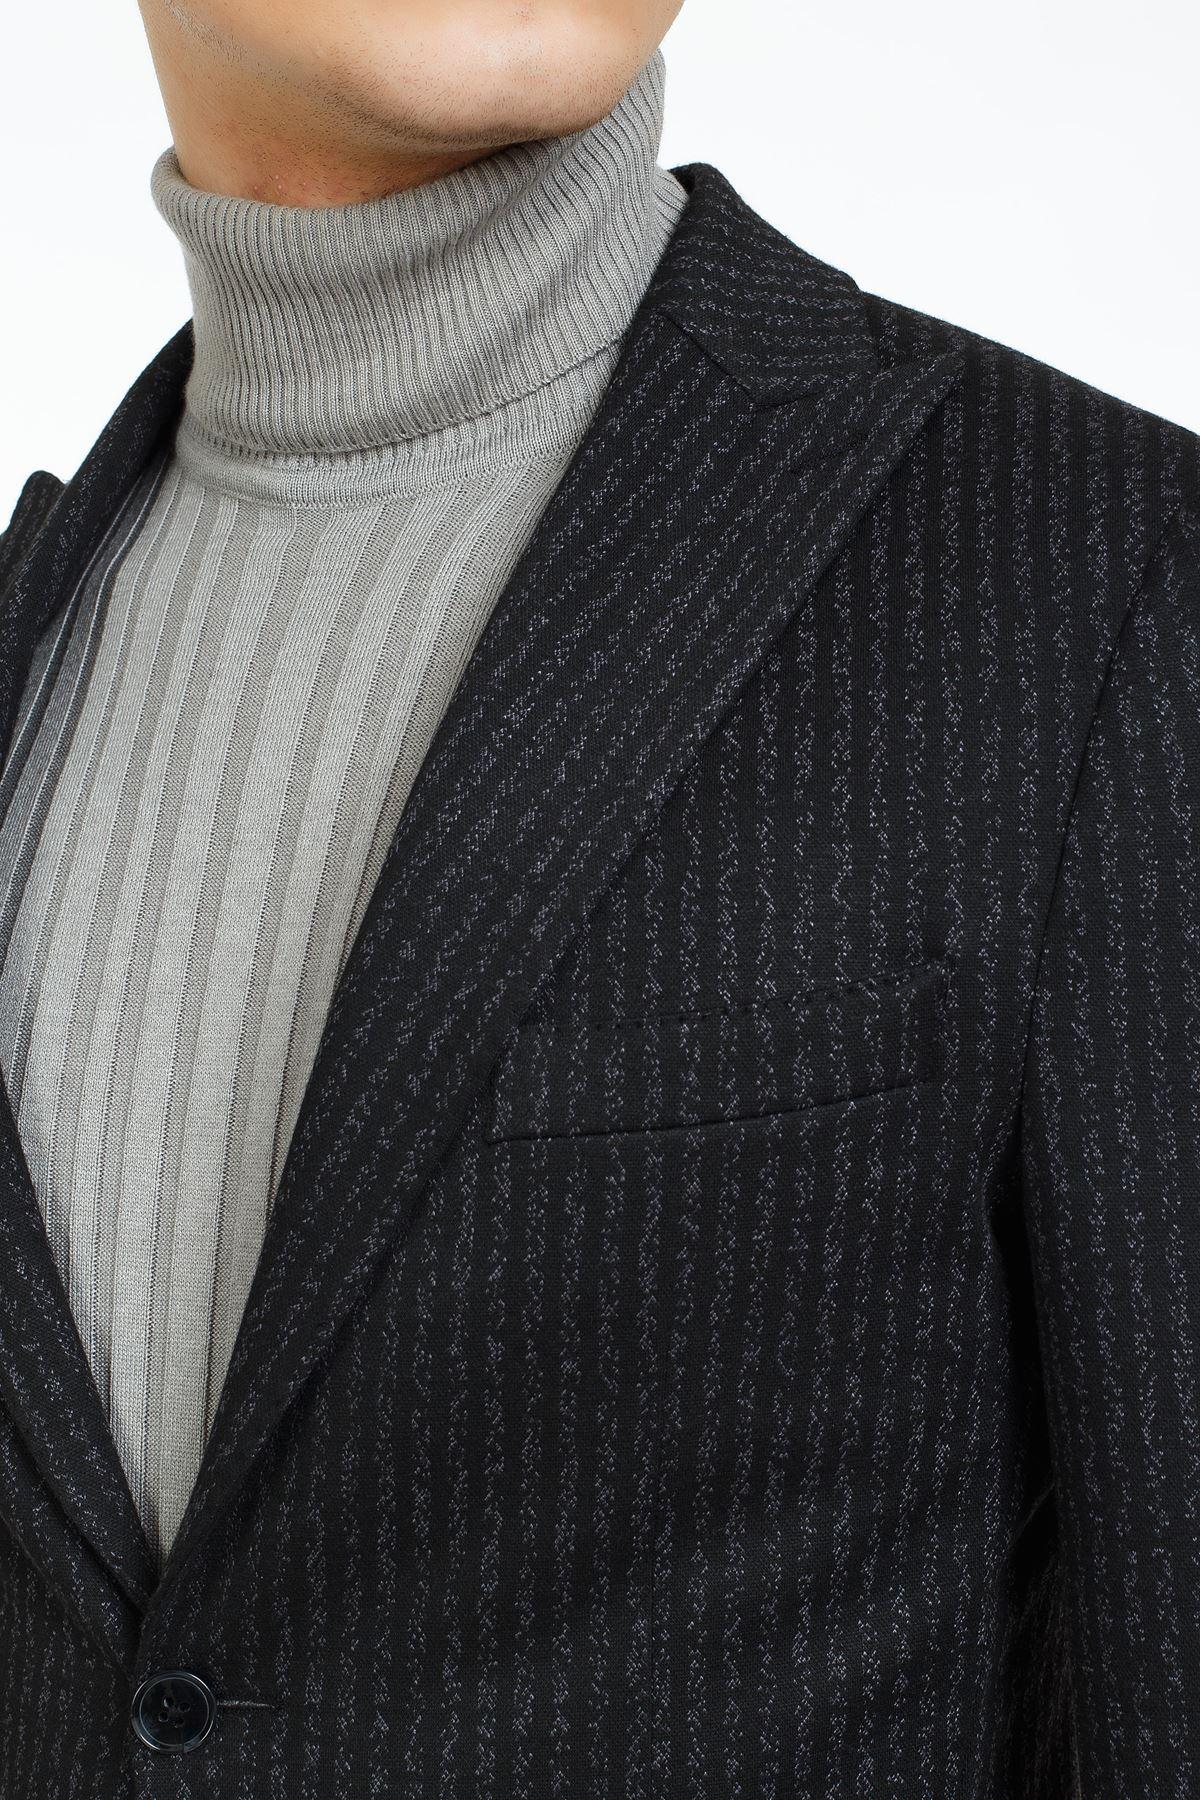 Siyah Beyaz Çizgili Süper Slim Kalım Ceket